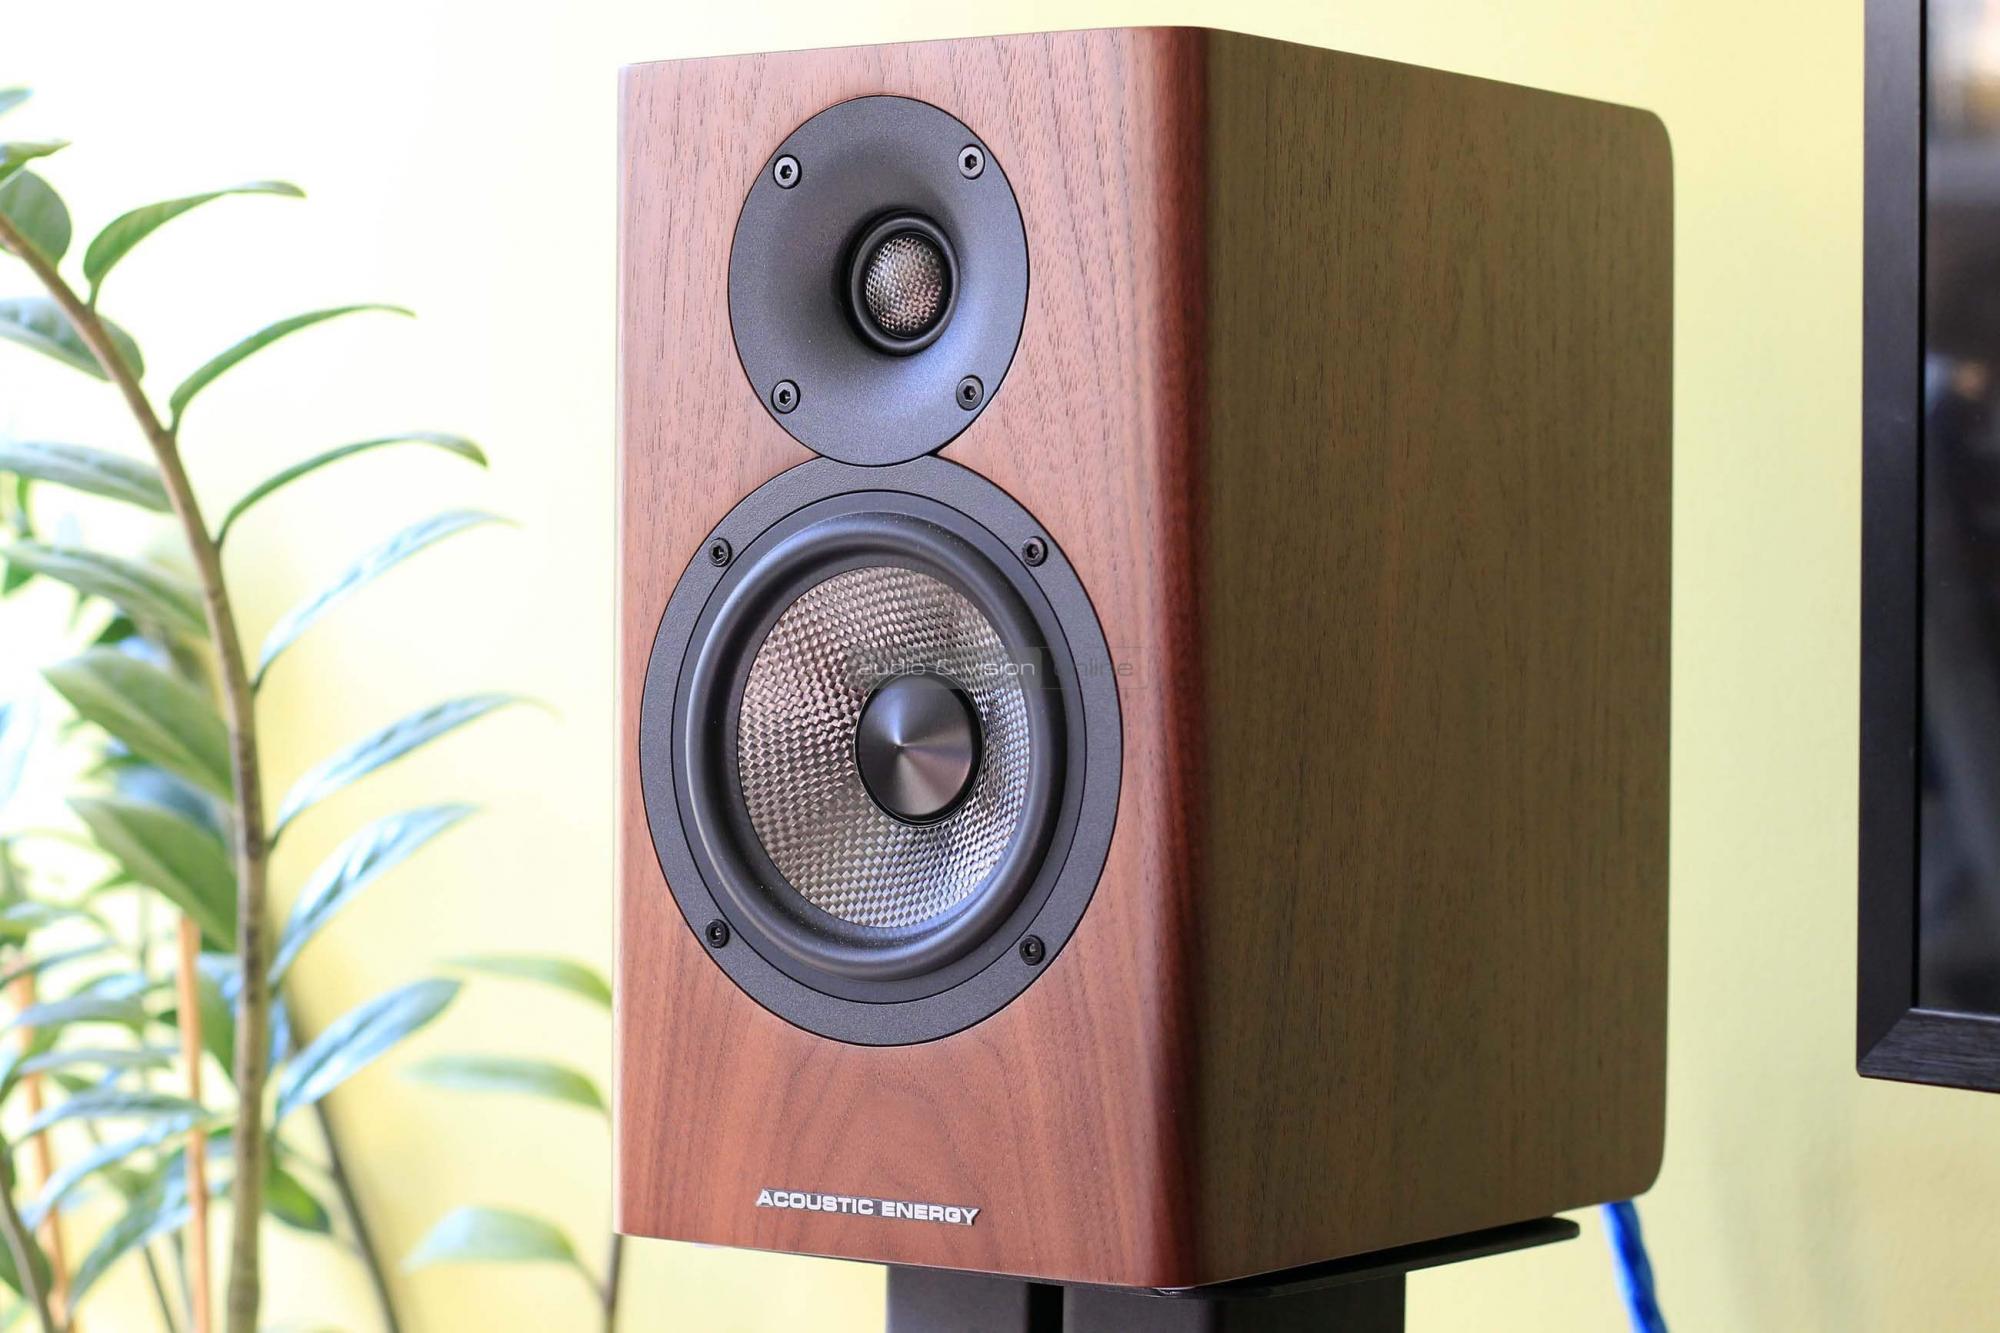 Acoustic Energy AE500 állványos hangfal teszt